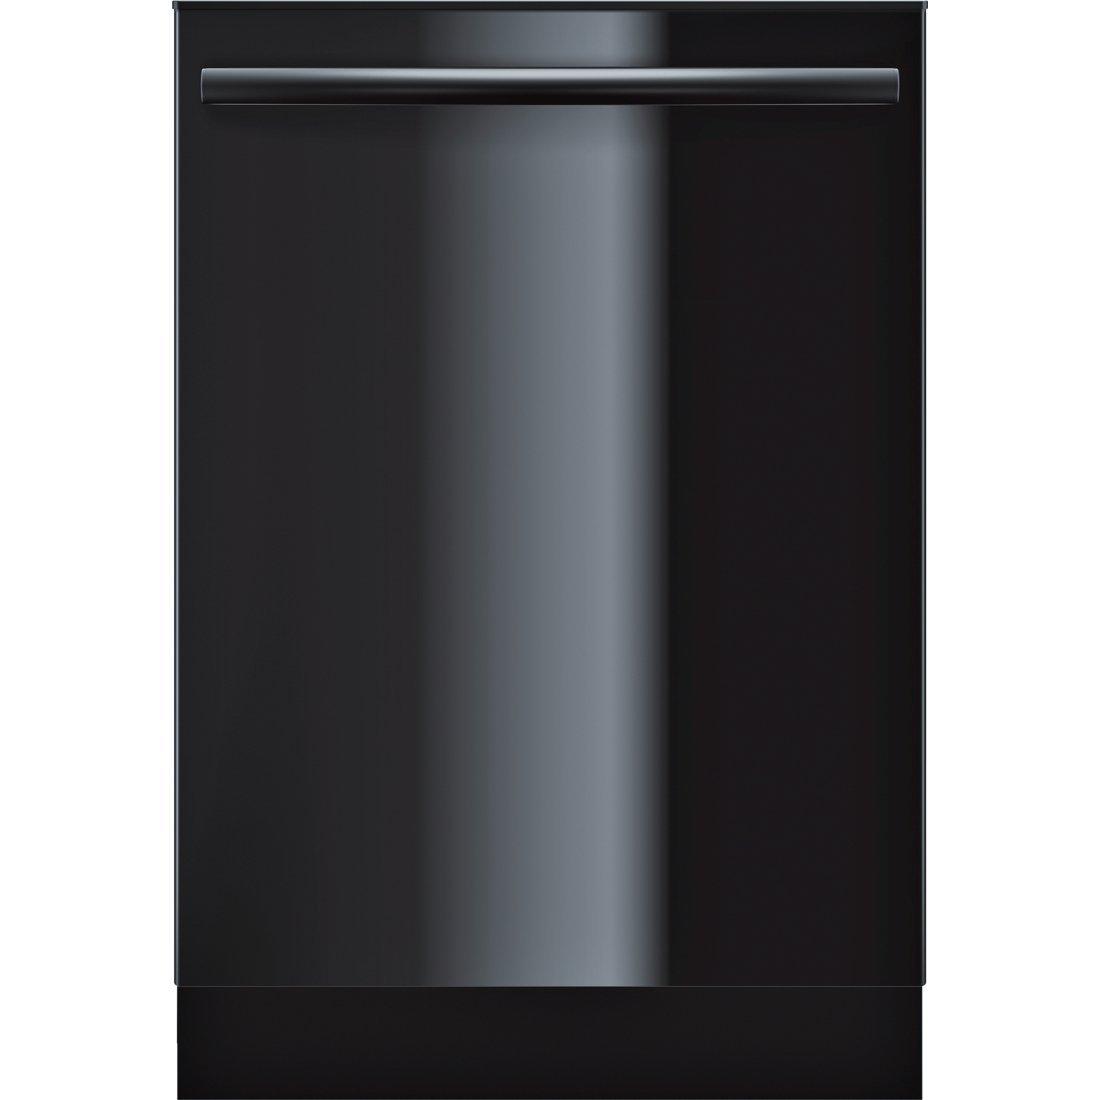 10 BEST Bosch Quiet Dishwashers of March 2020 1